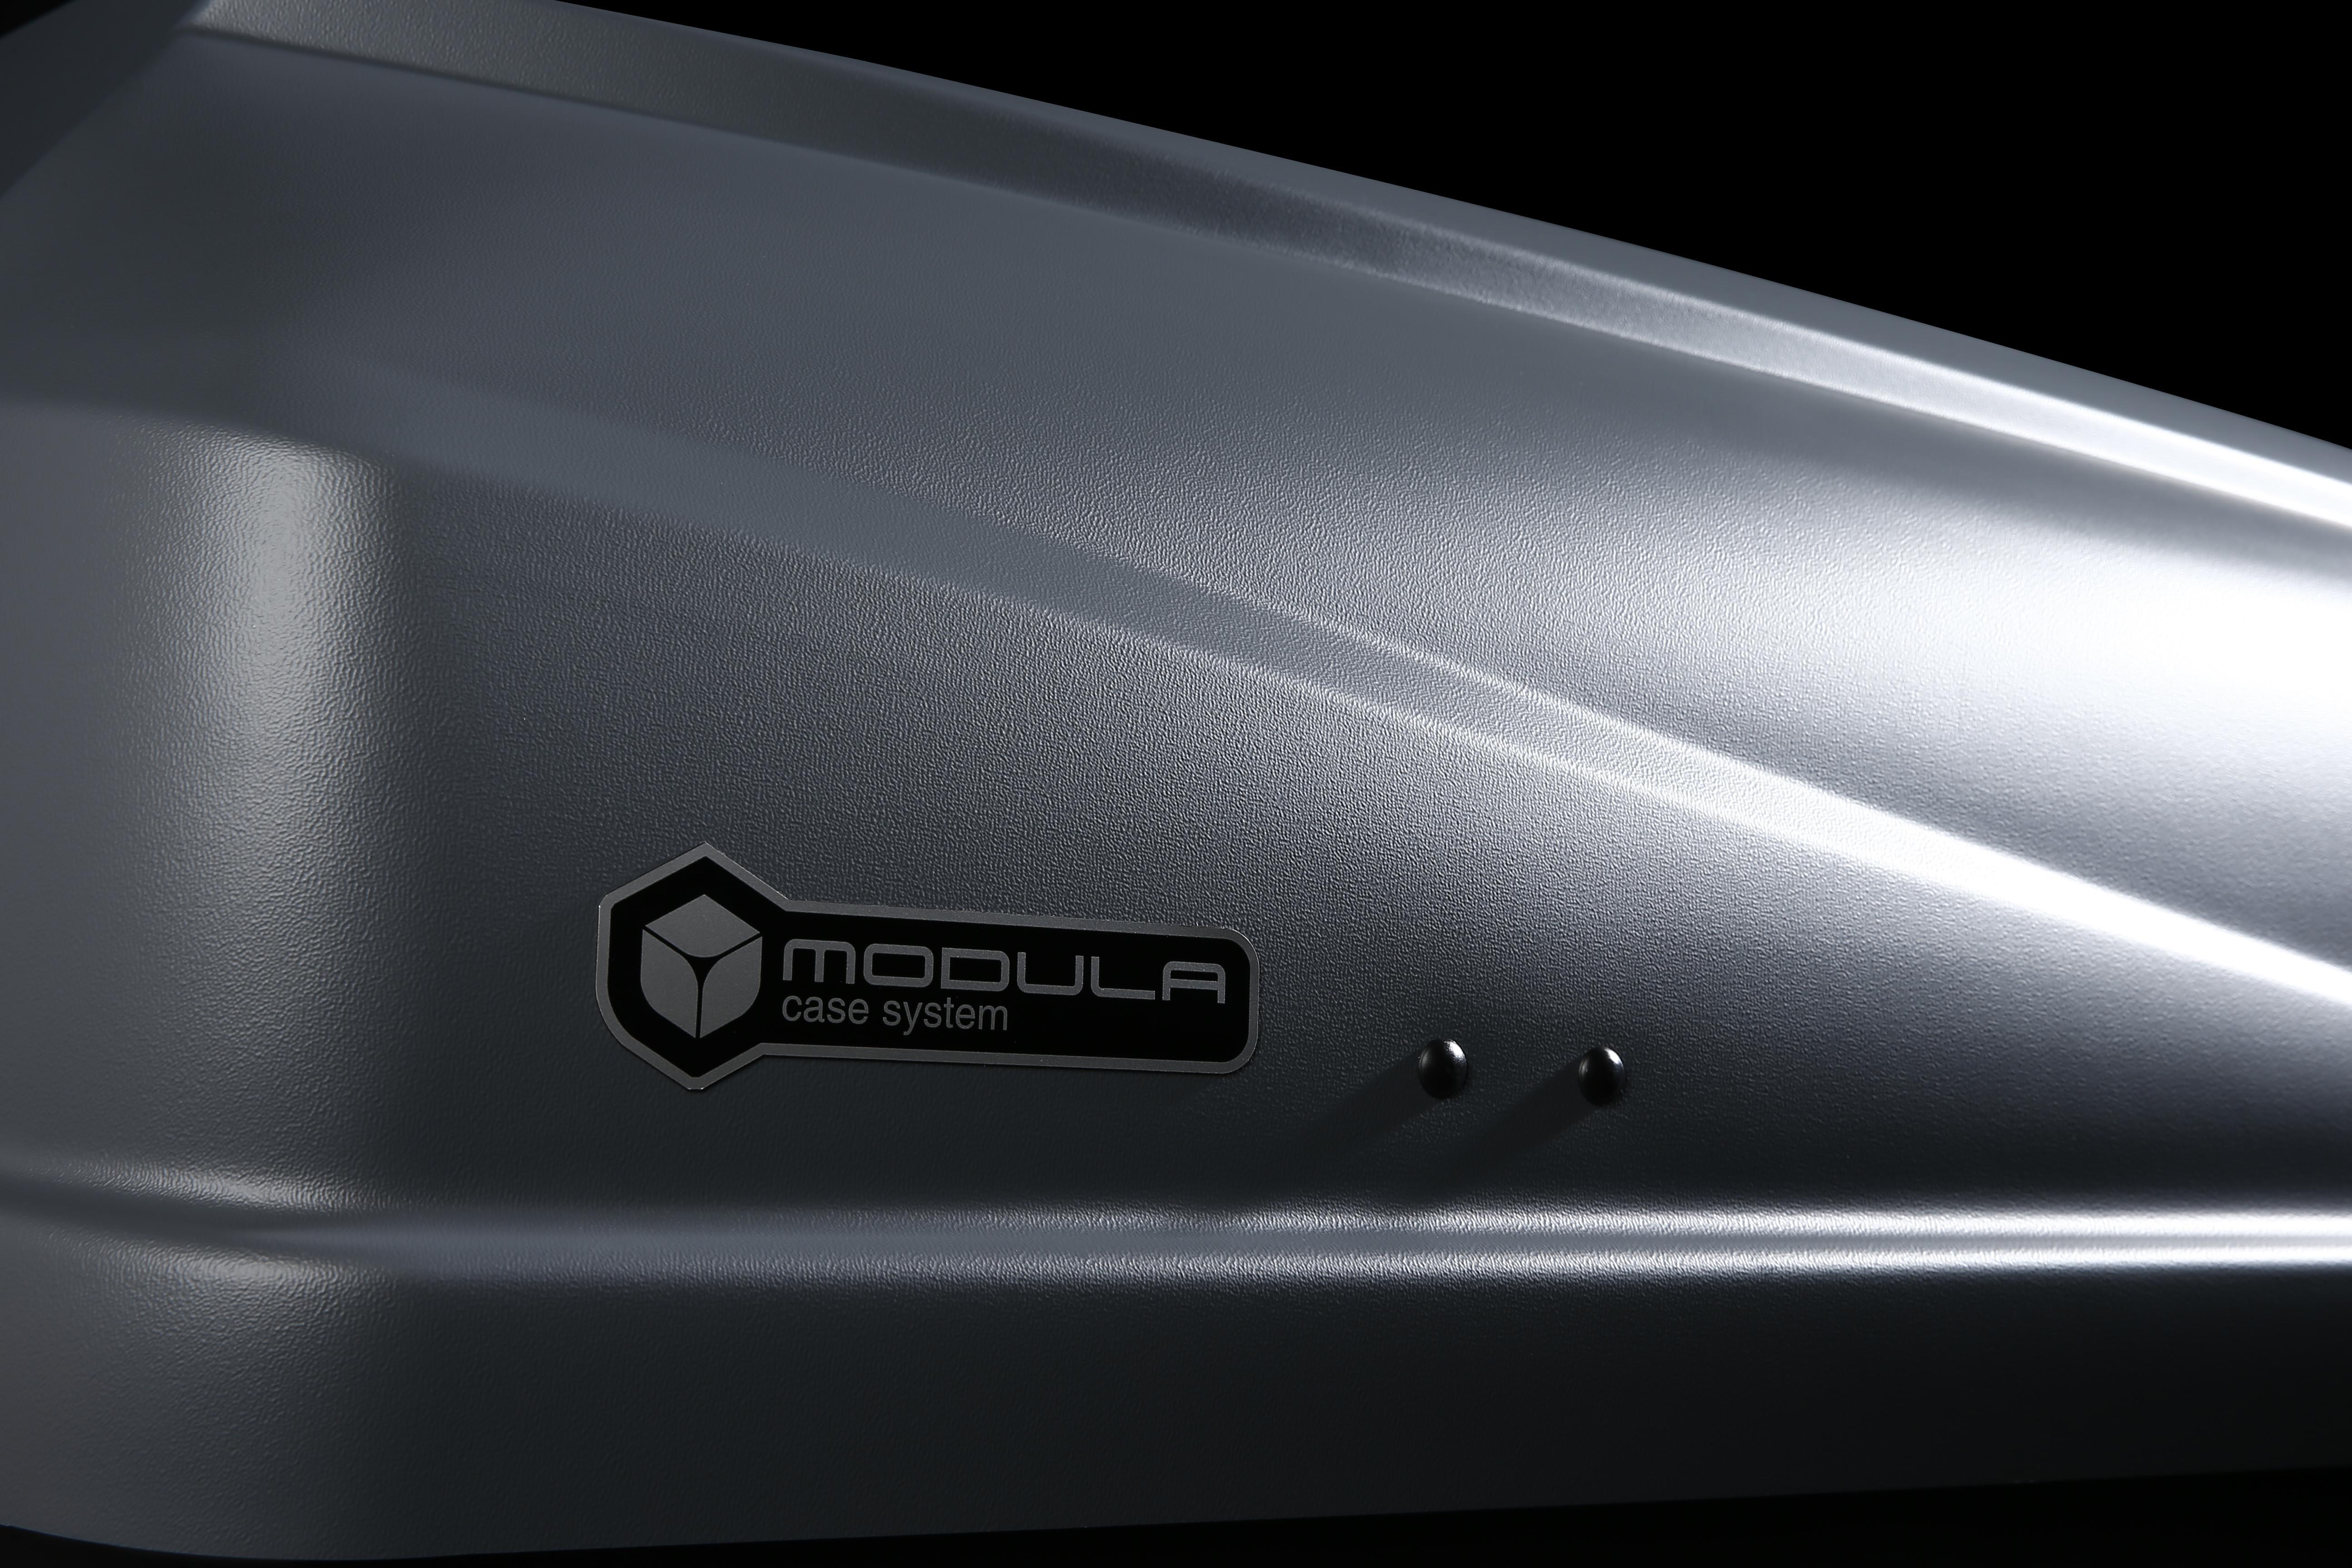 MOCS0172 MODULA at low price